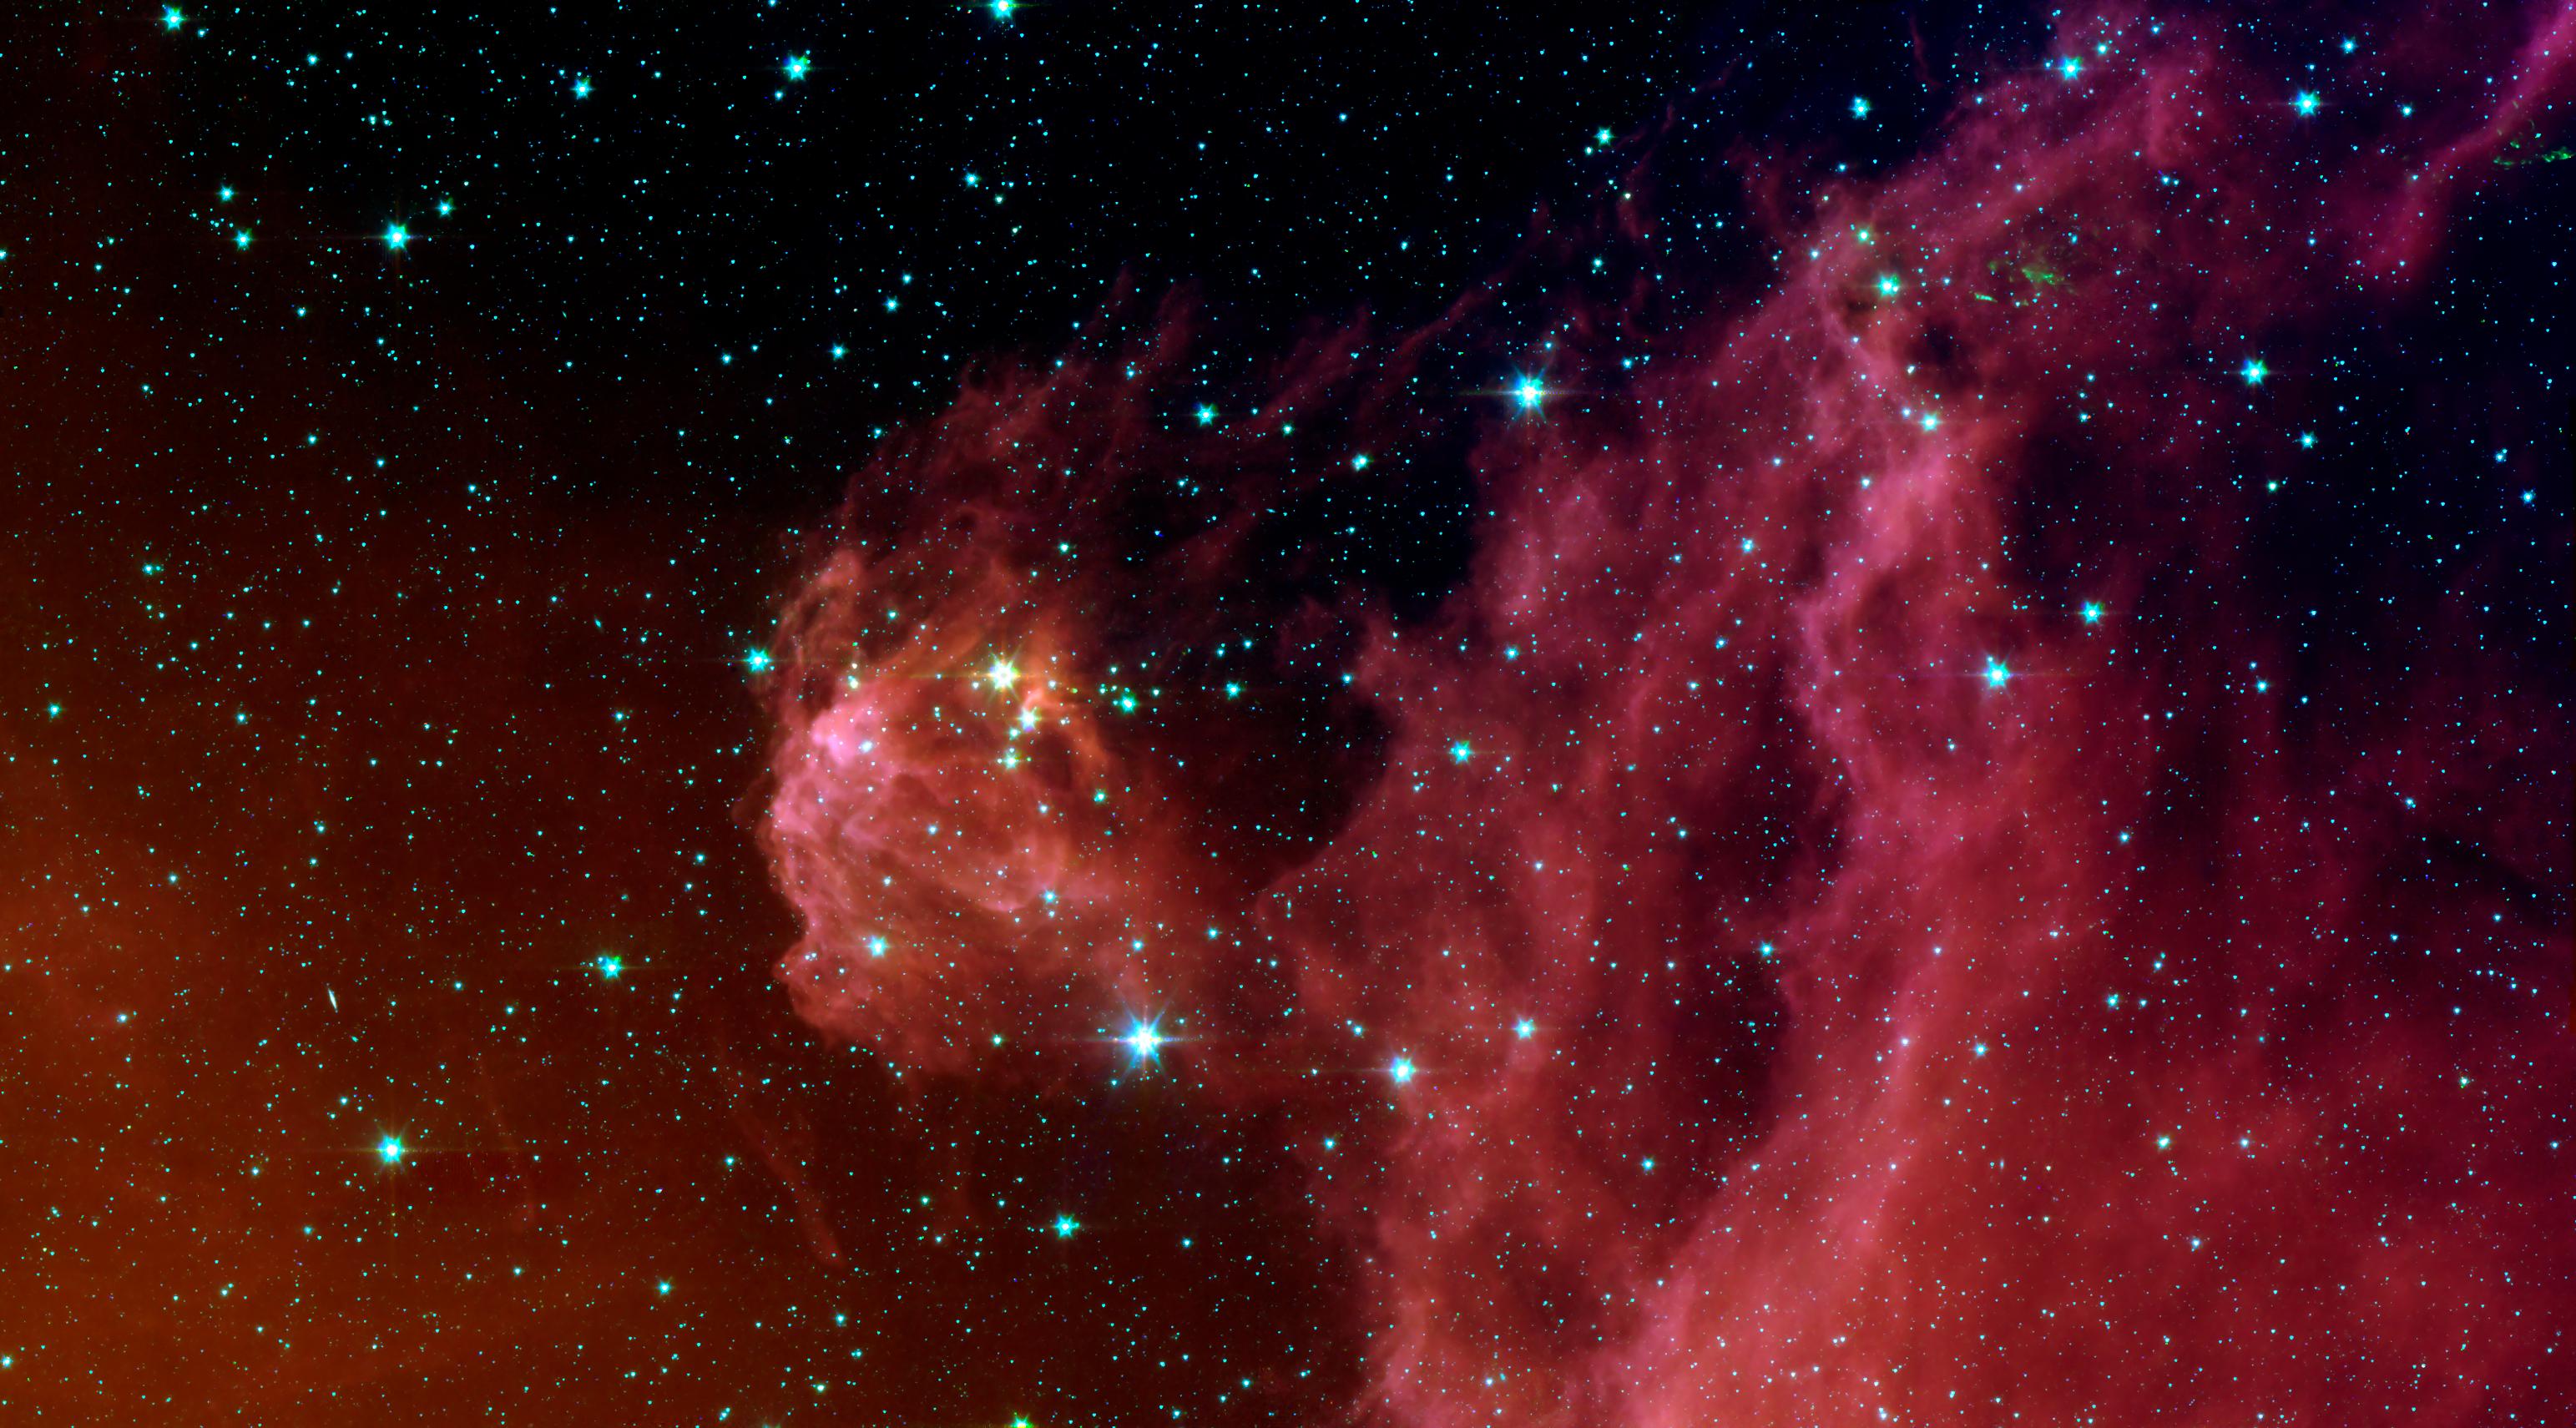 stars from nasa - photo #8